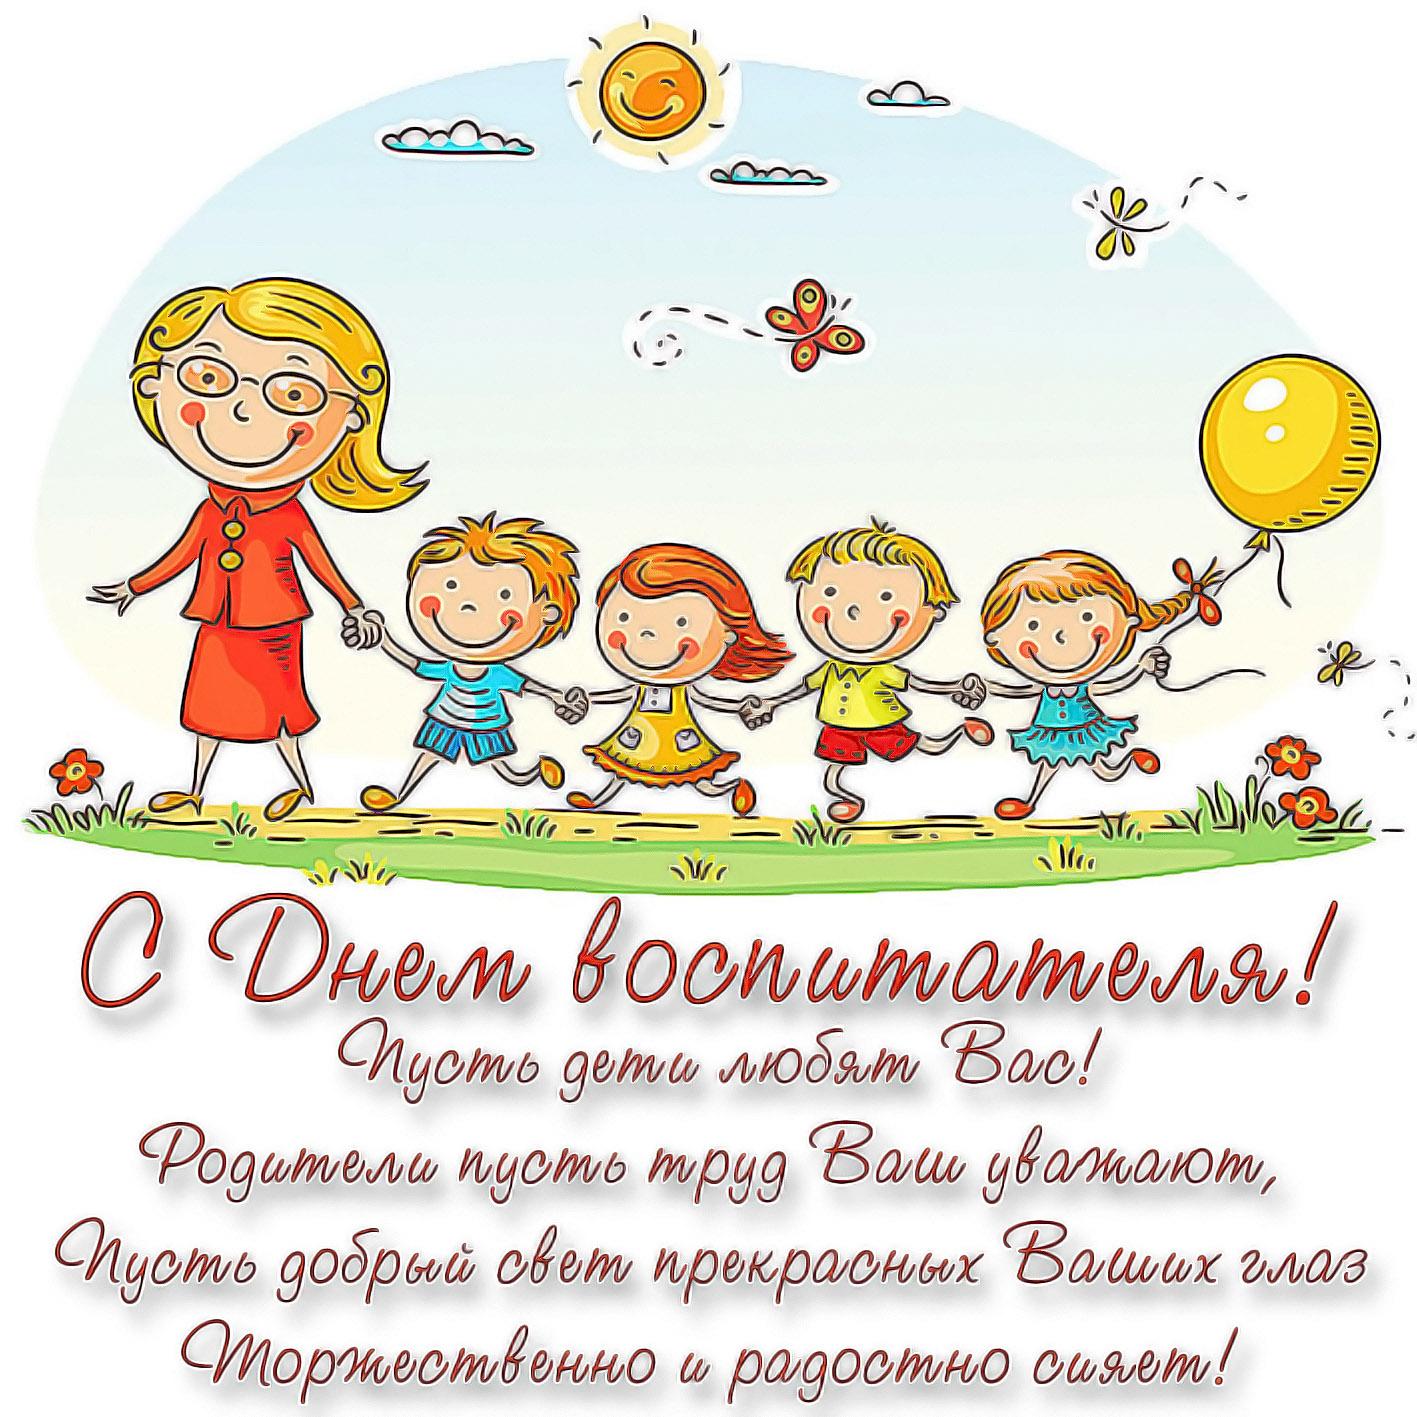 Открытка - пожелание на День воспитателя